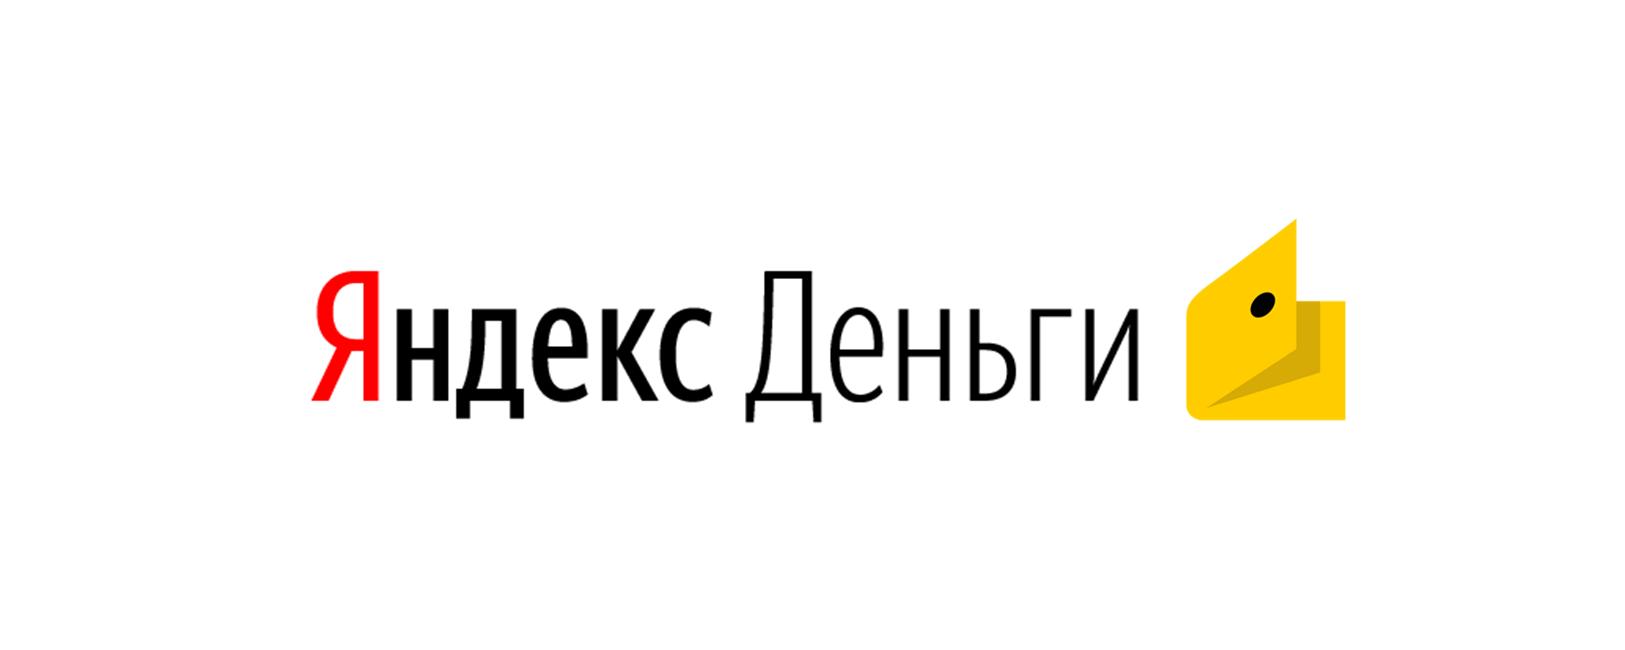 Яндекс продал всех с потрохами